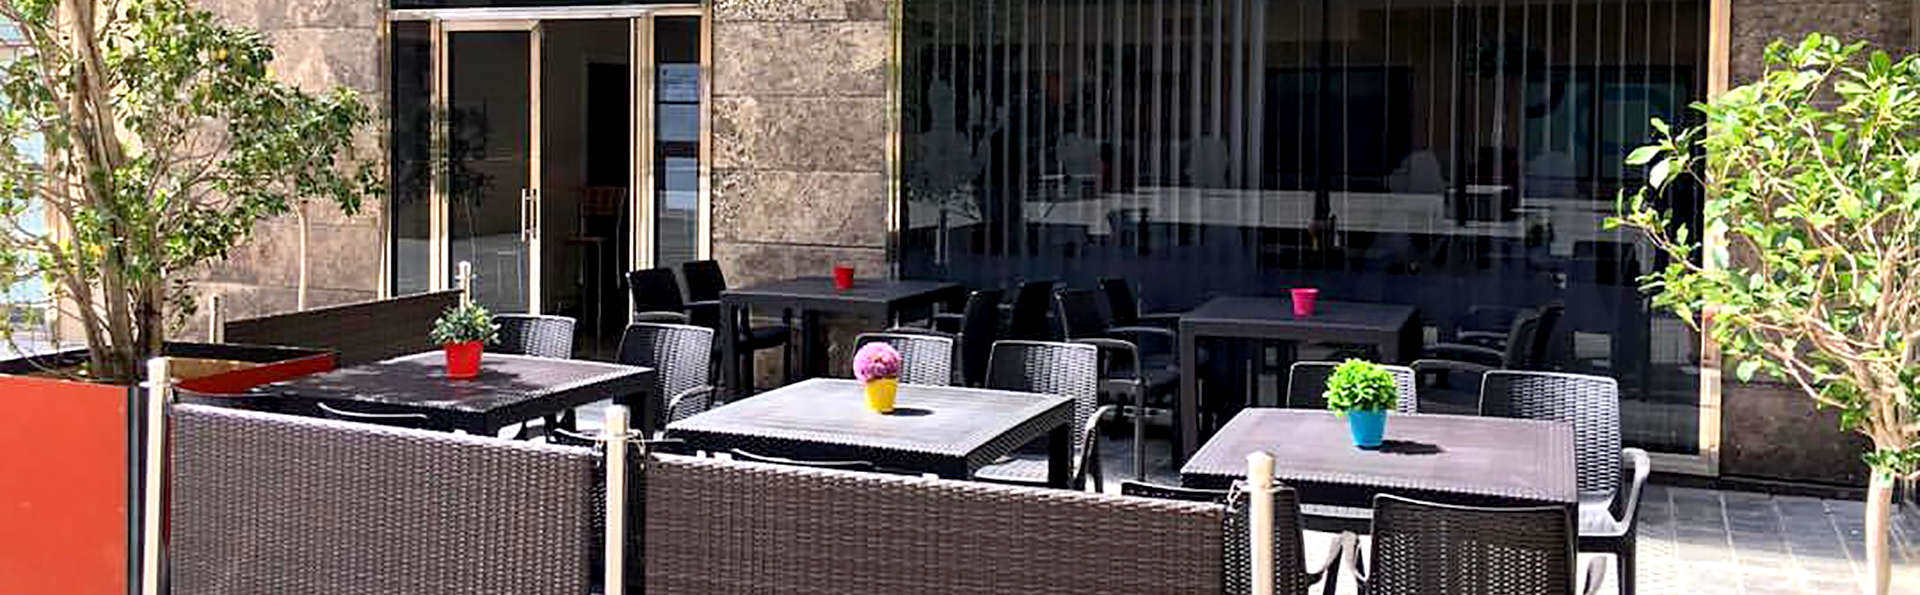 Hotel Spa Cádiz Plaza - Edit_Terrace.jpg